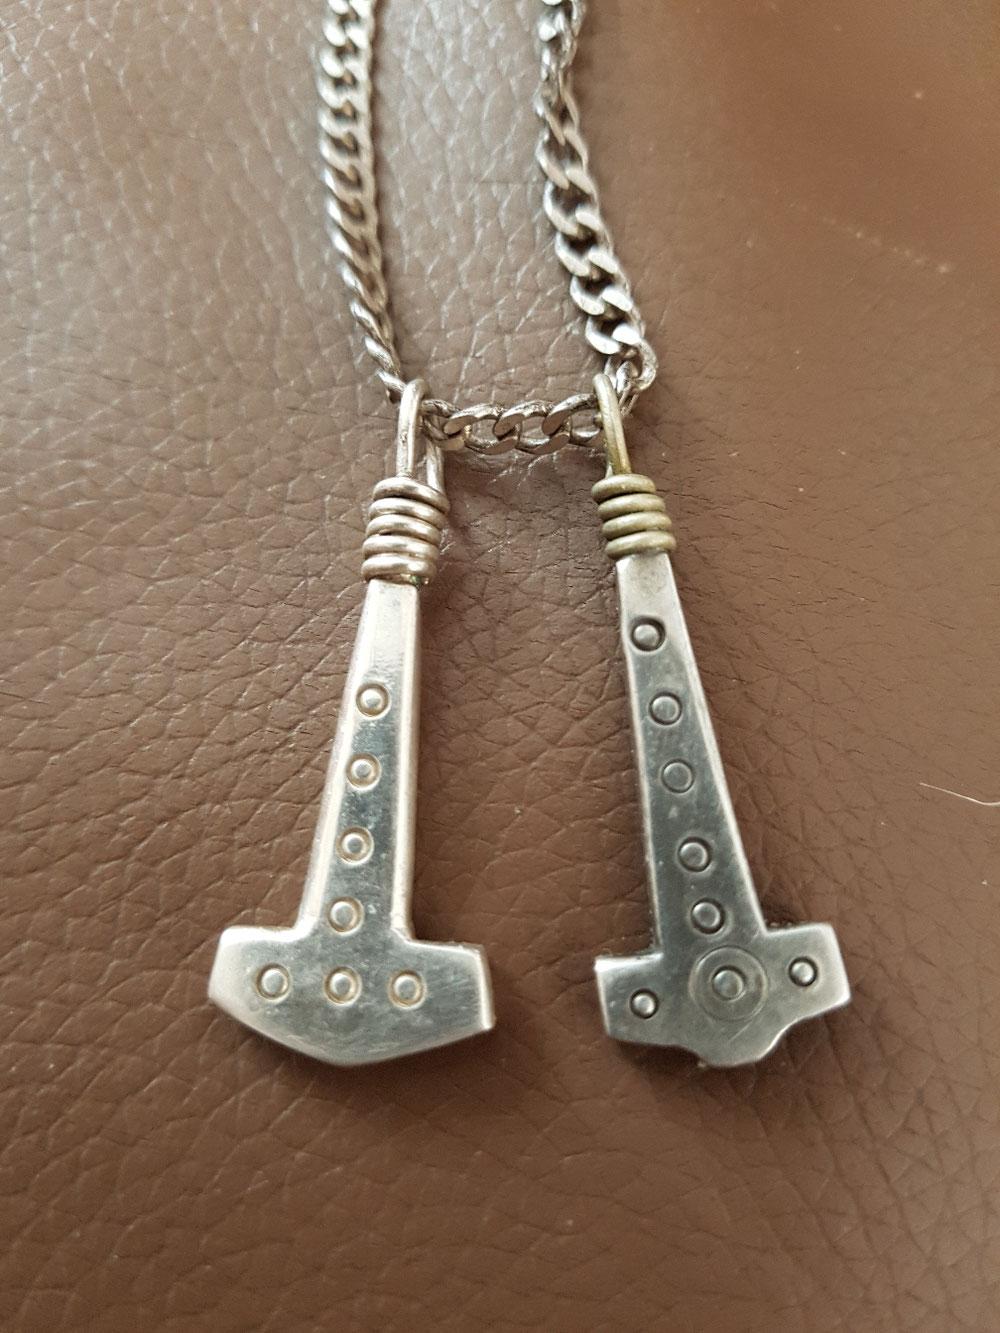 Repliken der beiden ältesten Hammeramulette aus dem 5./6. Jhd. (Gilton/Kent)